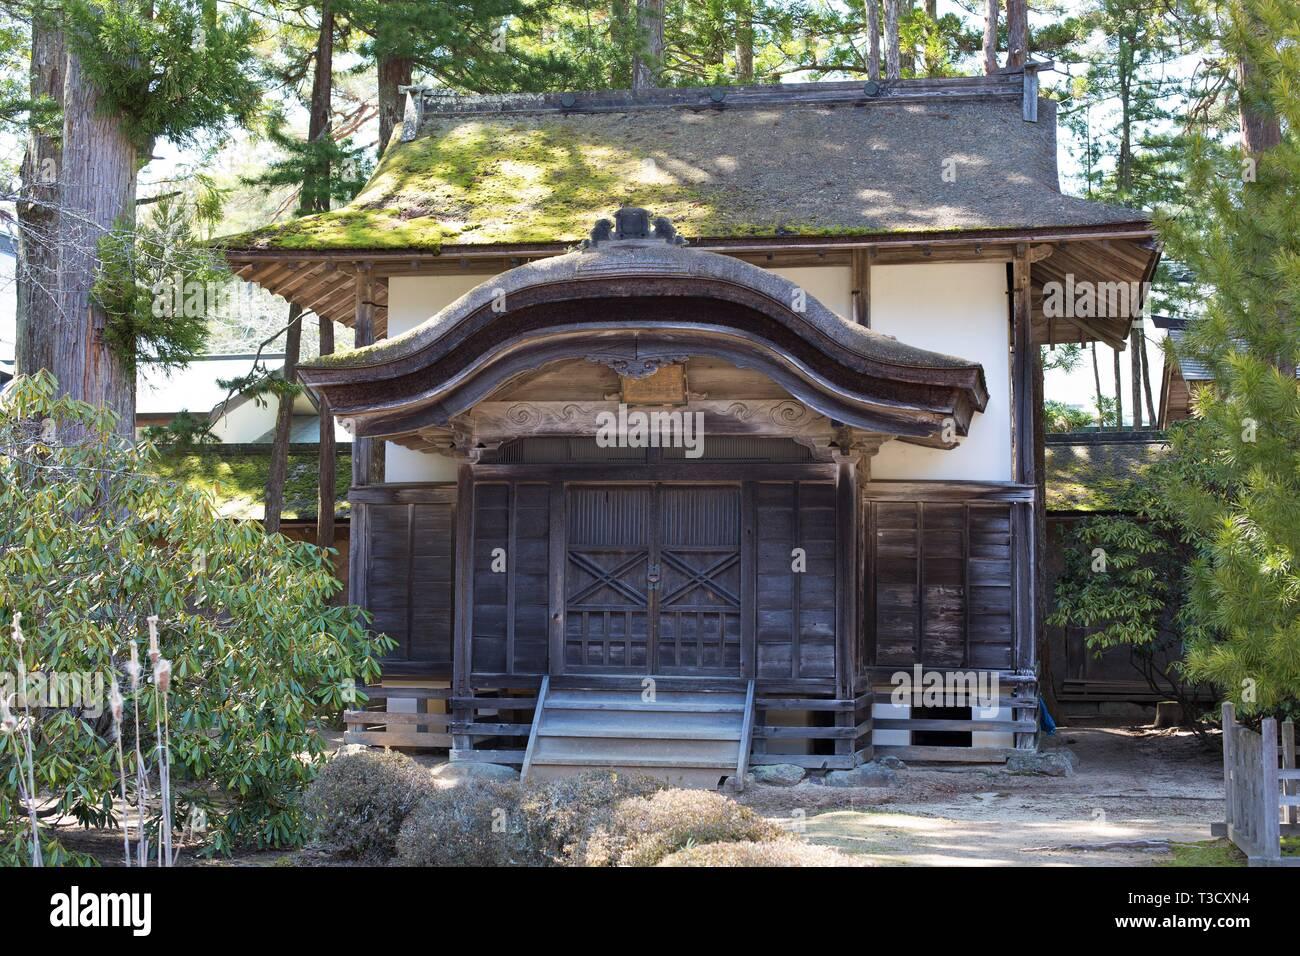 Depository of the Buddhist scriptures of Kongobuji, at Kongobuji temple in Koyasan, Japan. - Stock Image